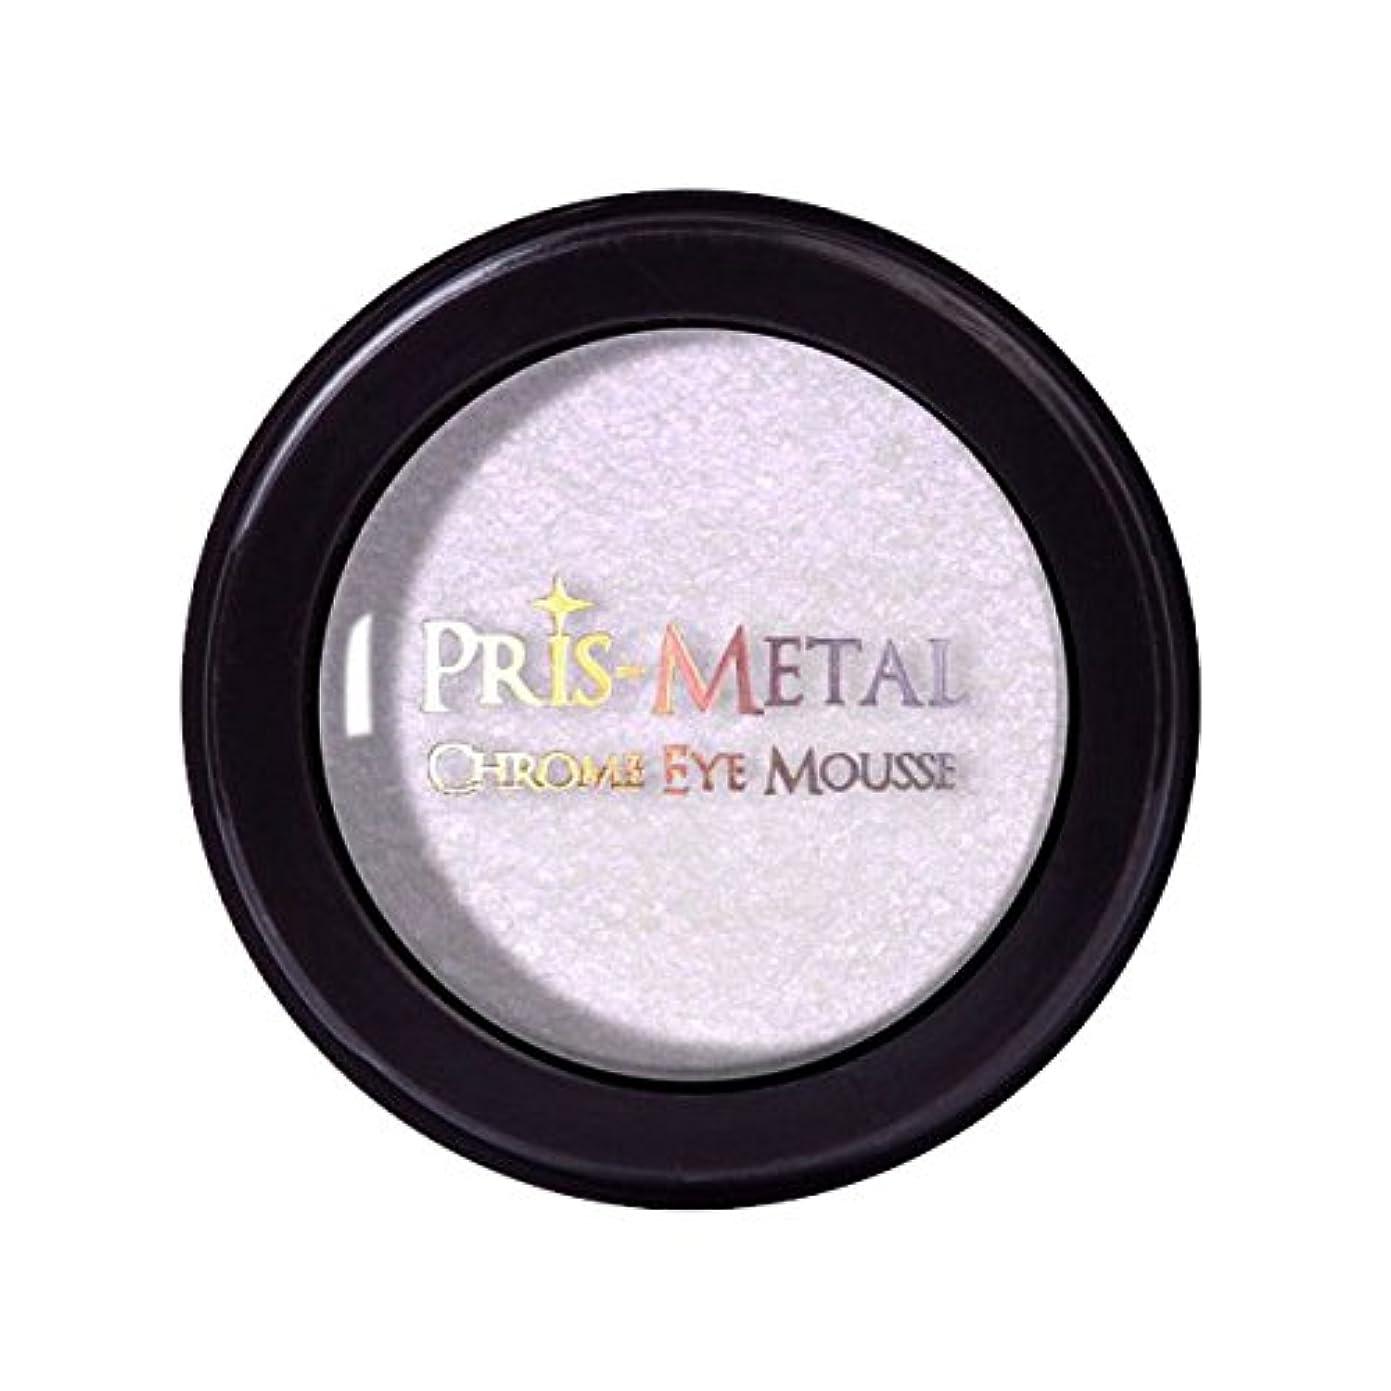 回転させる仲人従順な(3 Pack) J. CAT BEAUTY Pris-Metal Chrome Eye Mousse - Pinky Promise (並行輸入品)